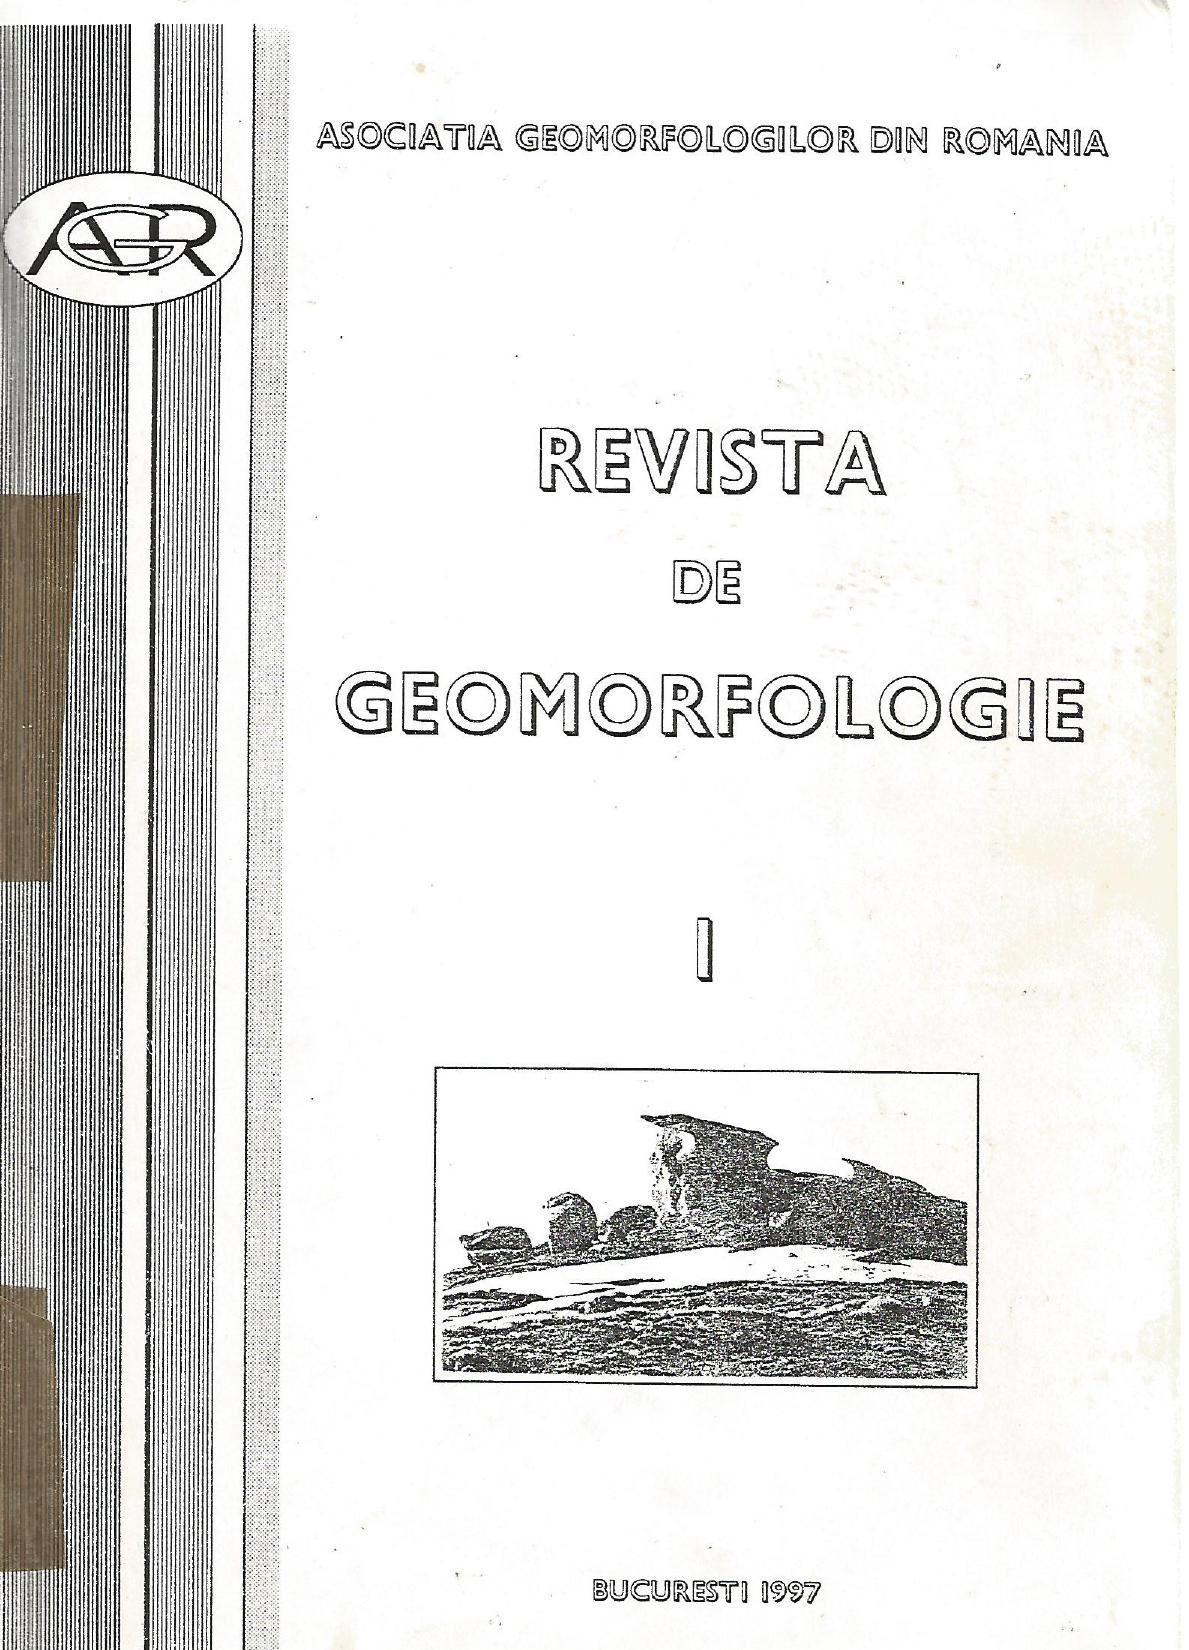 Revista de geomorfologie numarul 1 din anul 1997